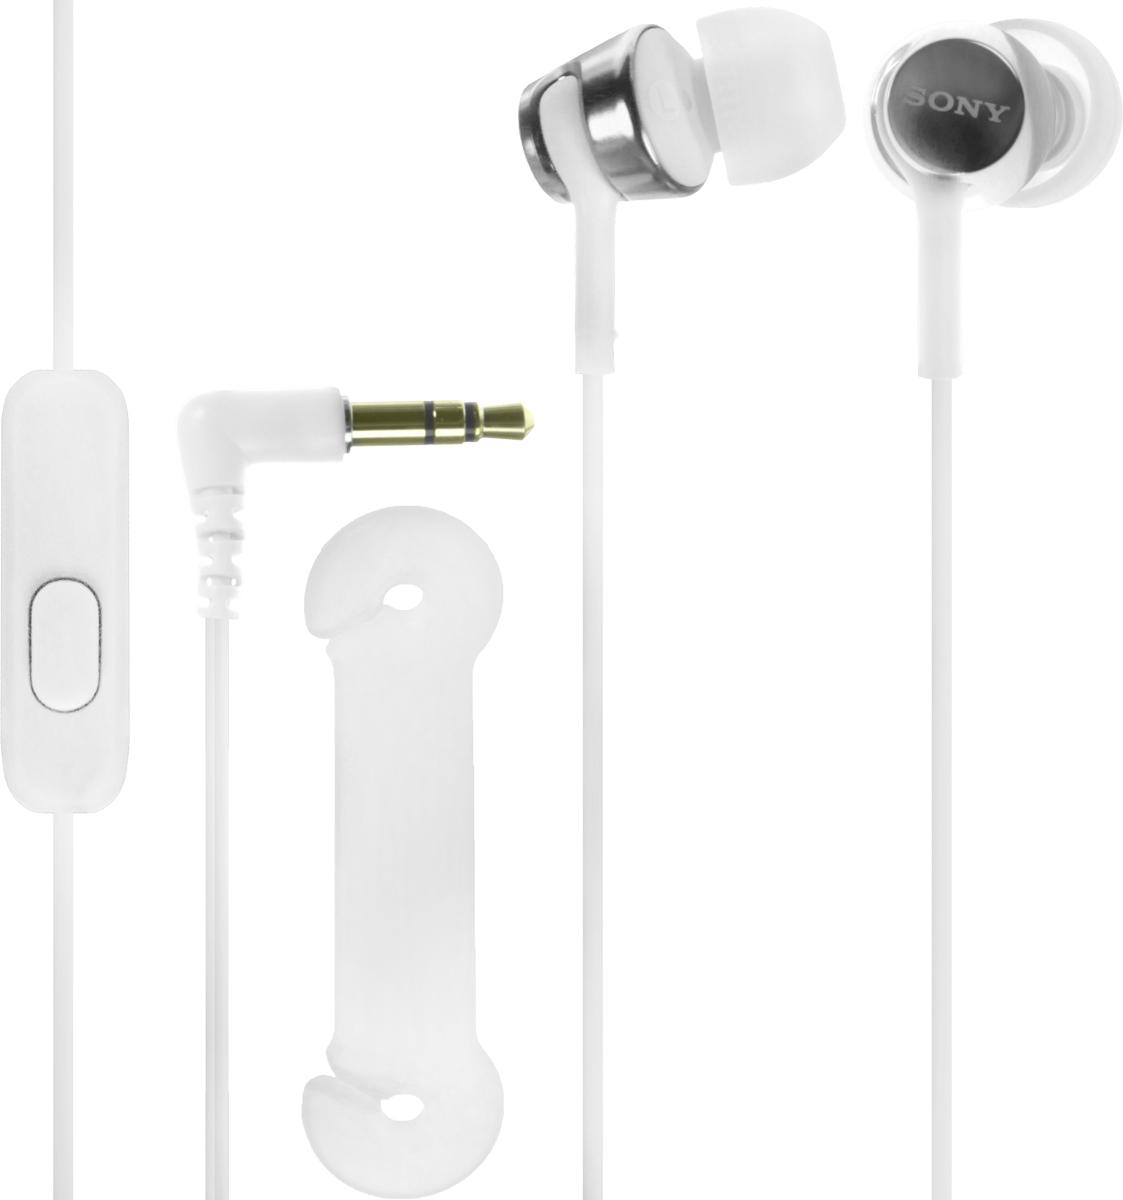 Sony EX155AP, White наушникиMDREX155APW.EНаушники-вкладыши Sony EX155AP обеспечивают отличный динамический звук даже на ходу.Высокочувствительные 9-миллиметровые динамики в компактном корпусе обеспечивают четкое звучание верхних частот и мощные басы.Отвечайте на звонки в режиме гарнитуры и переключайте треки, не прикасаясь к смартфону, - это возможно благодаря встроенному в кабель пульту управления и микрофону.Устойчивый к спутыванию и перекручиванию рифленый кабель обеспечивает комфорт при использовании наушников.Вкладыши четырех размеров (SS, S, M и L) позволяют адаптировать наушники под свои потребности для максимально комфортного прослушивания на ходу.